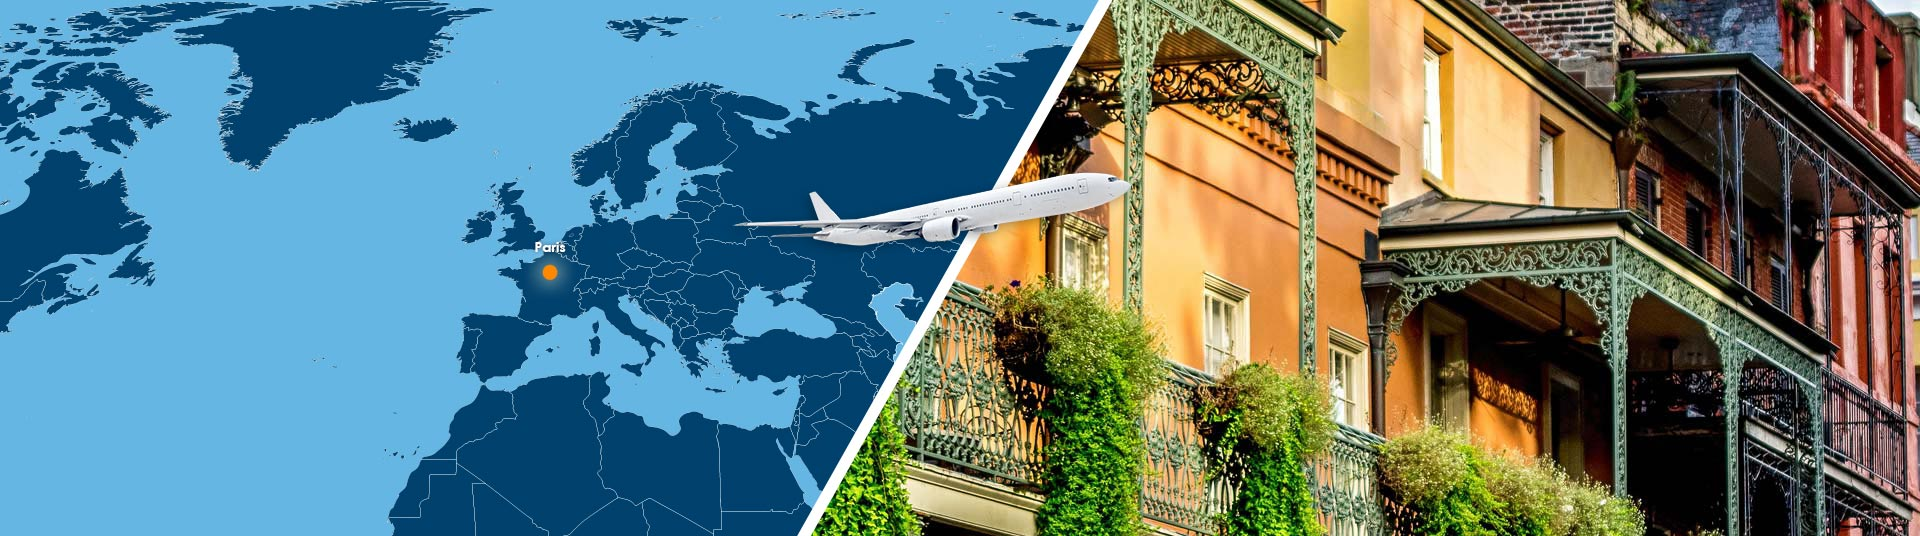 vol paris nouvelle orleans pas cher r server un billet avion par msy. Black Bedroom Furniture Sets. Home Design Ideas